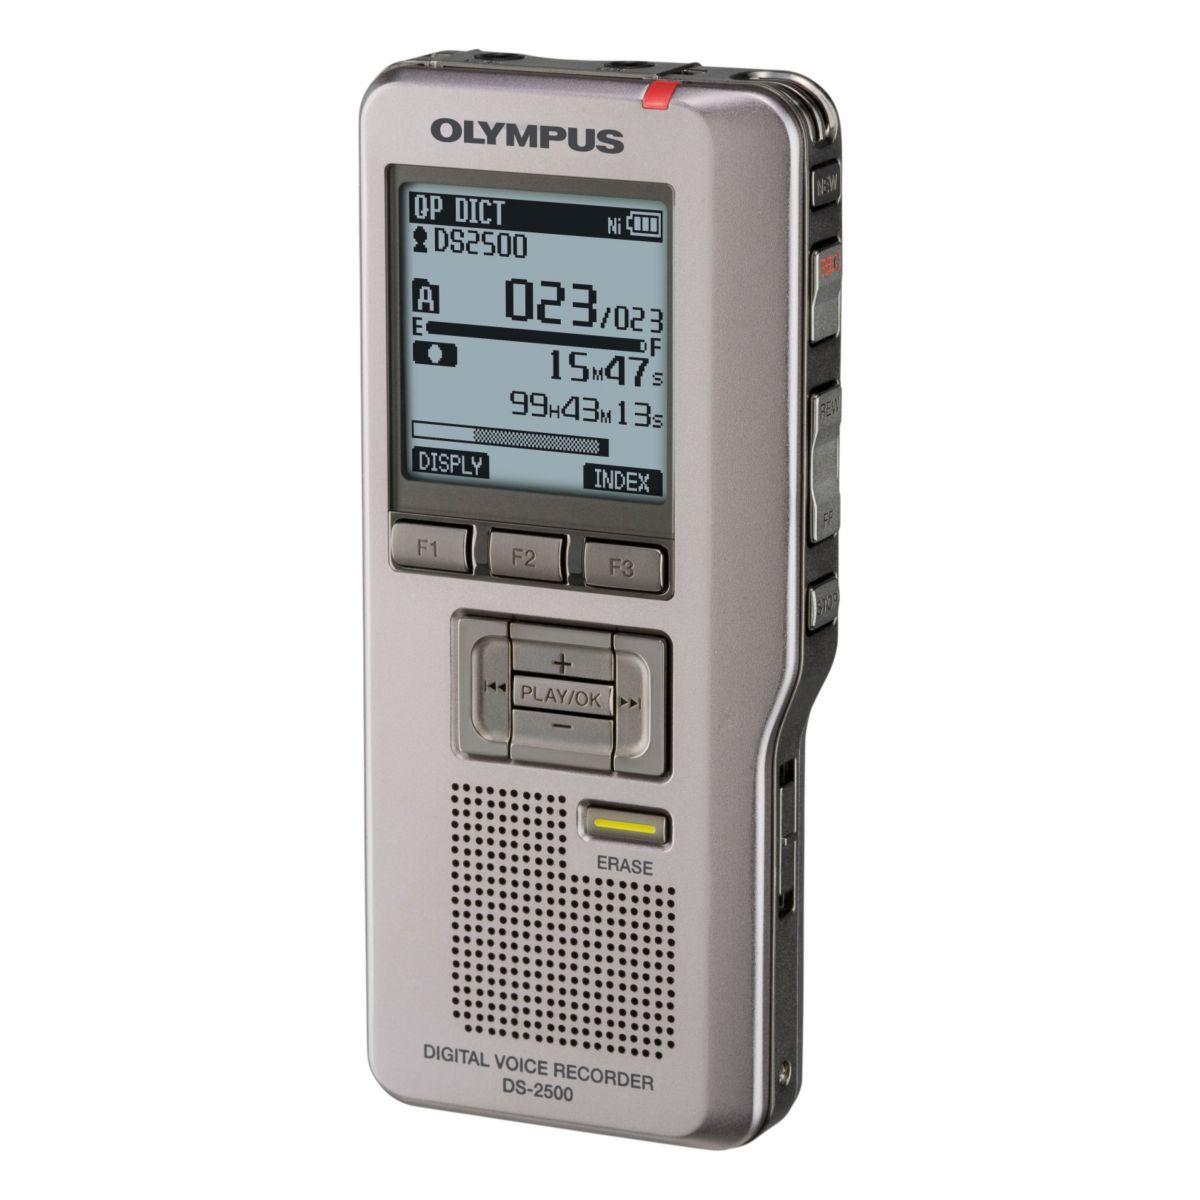 Dictaphone OLYMPUS DS-2500 (photo)